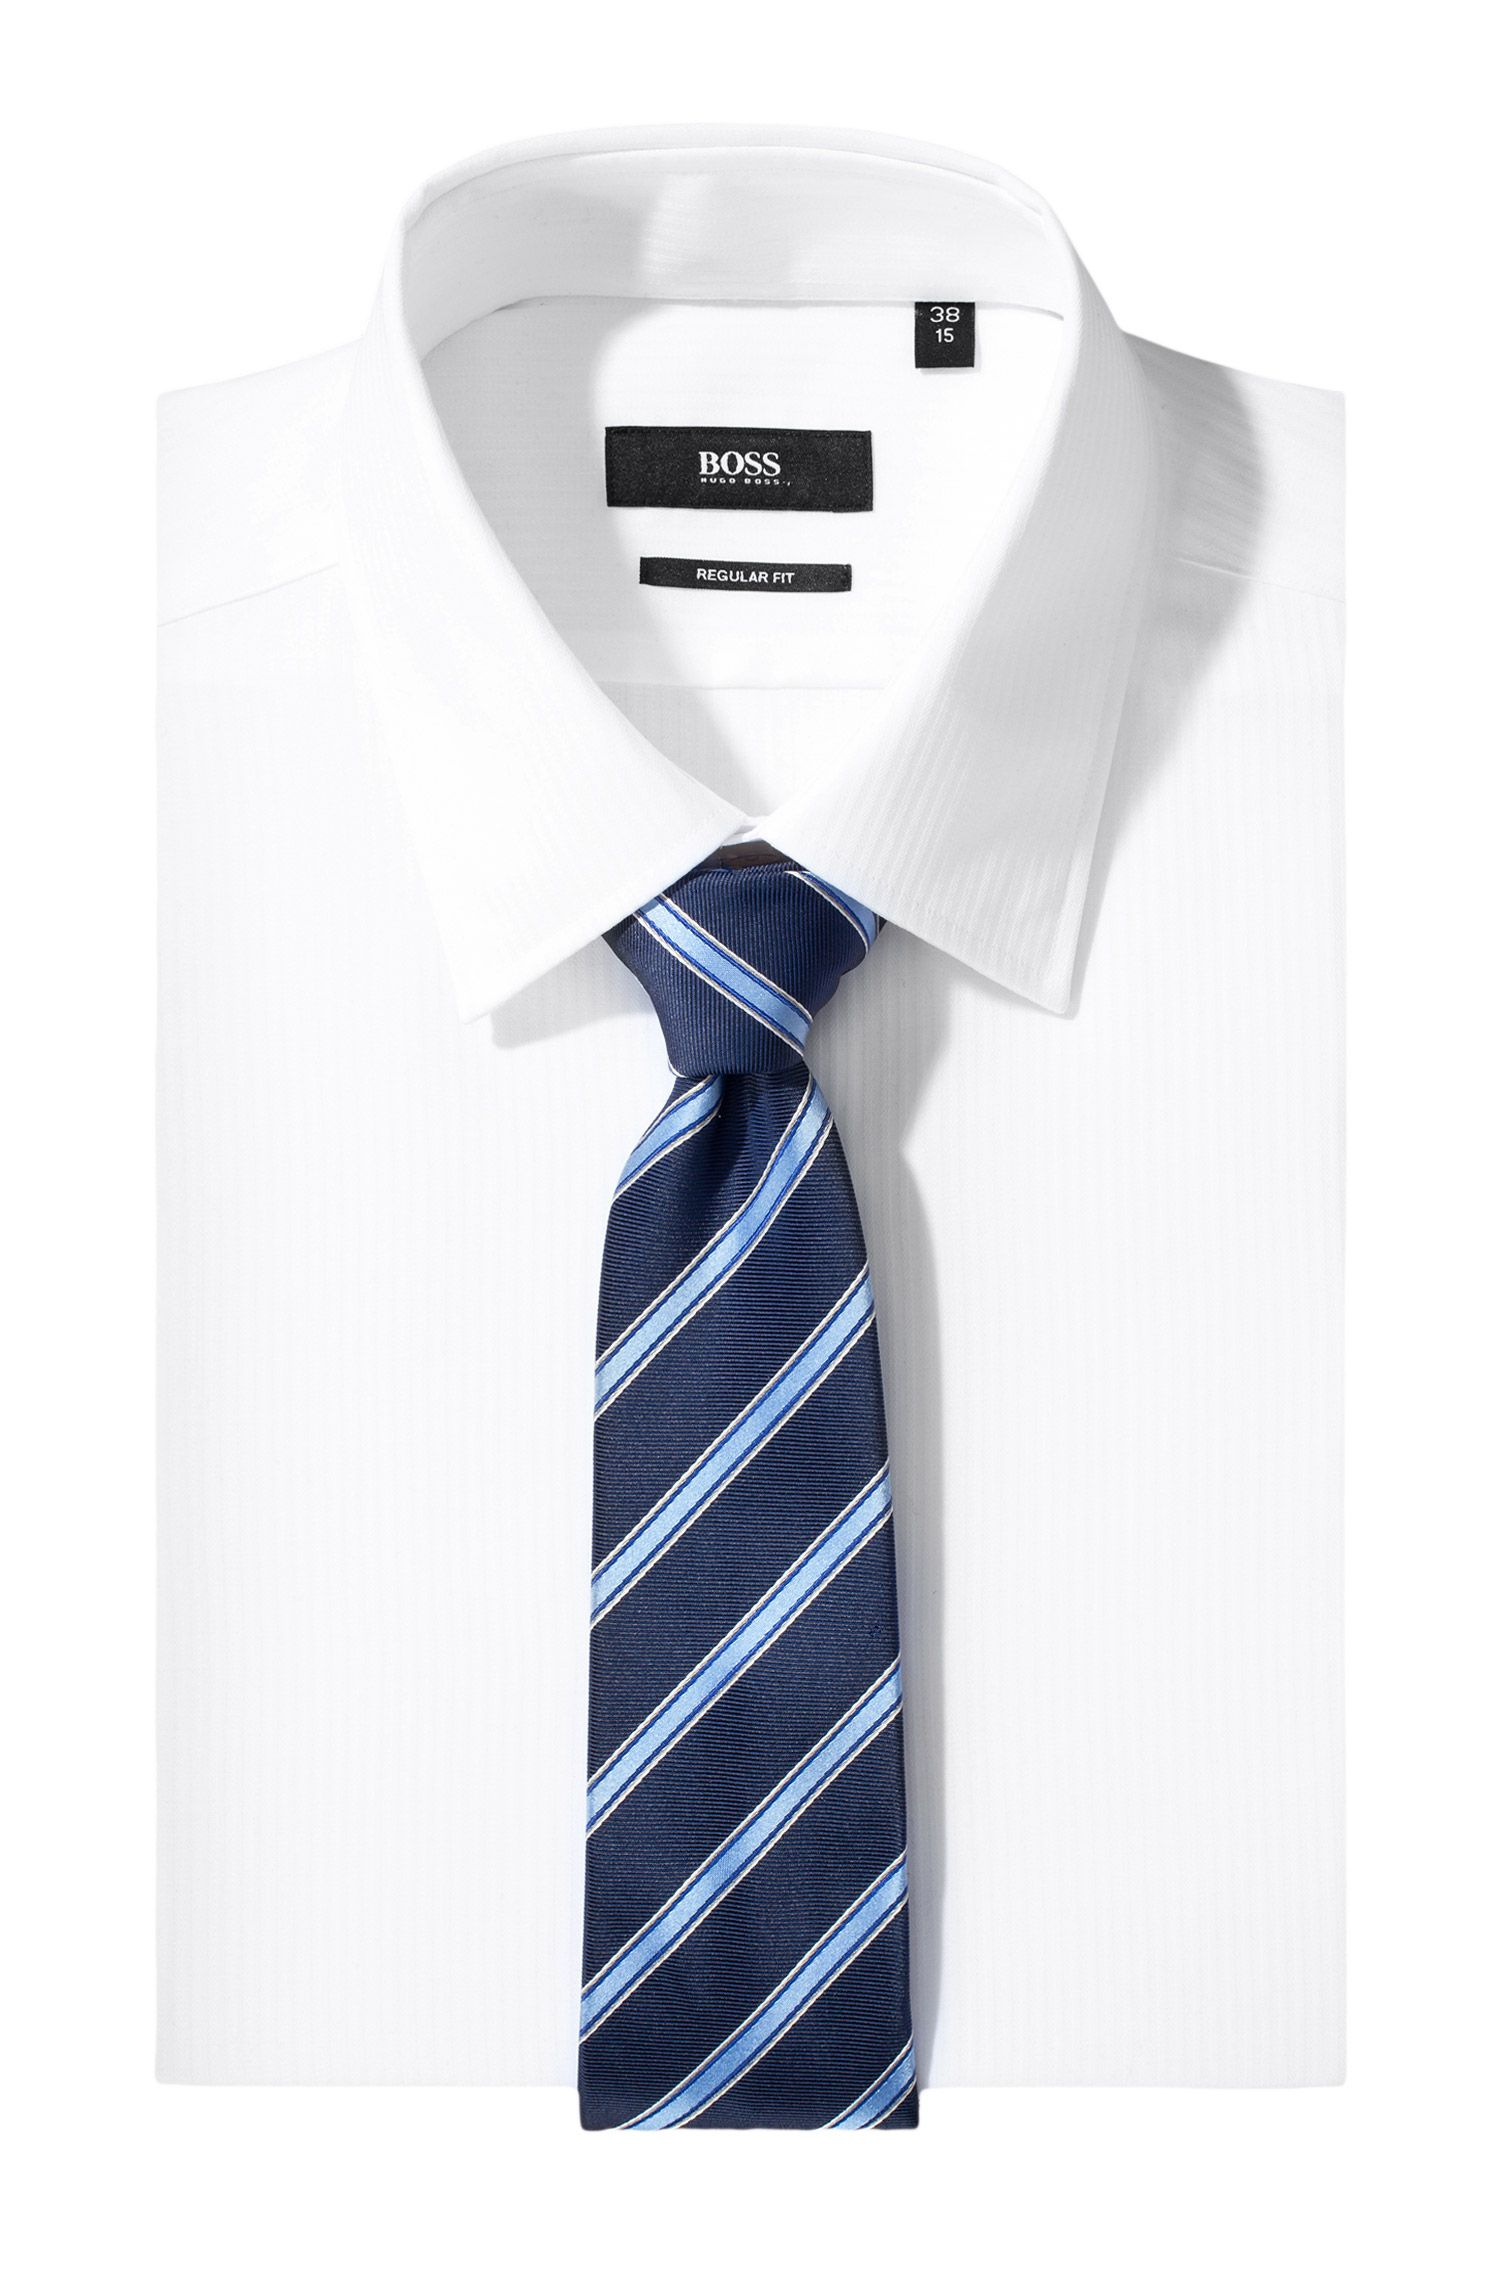 Cravate en soie à rayures, Tie 7,5 cm